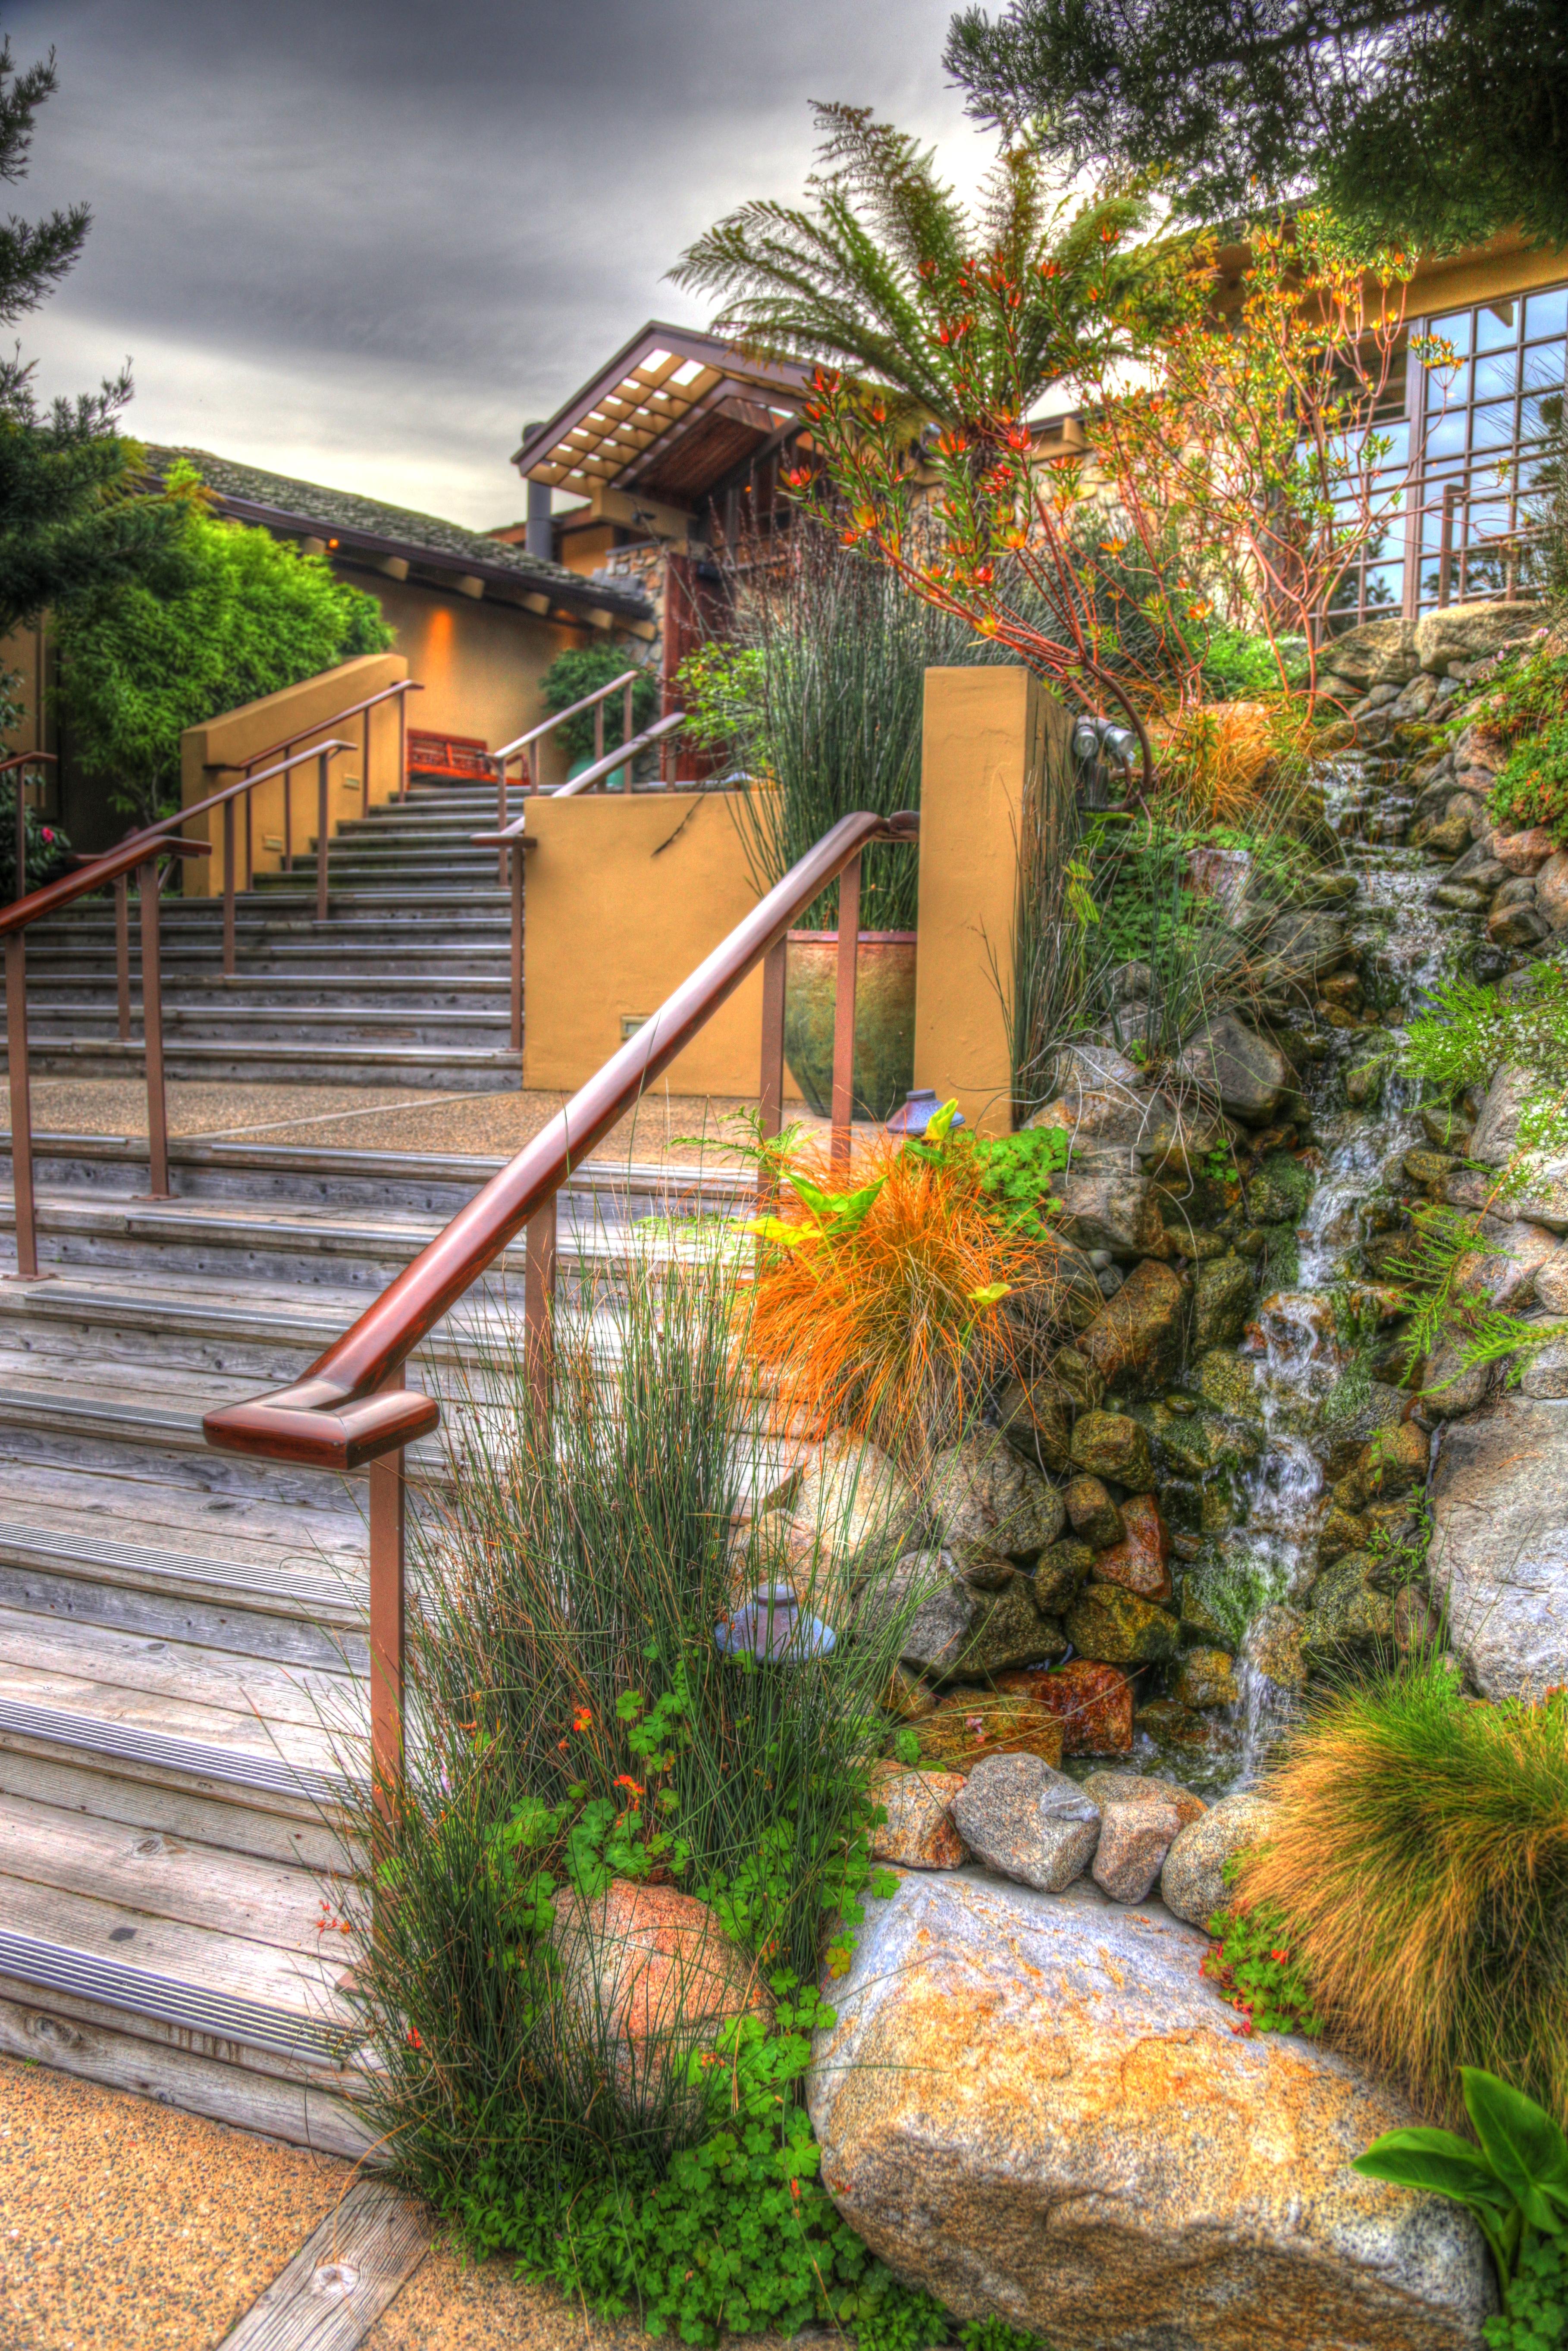 Hyatt Carmel Highlands Review – JoePro Travel